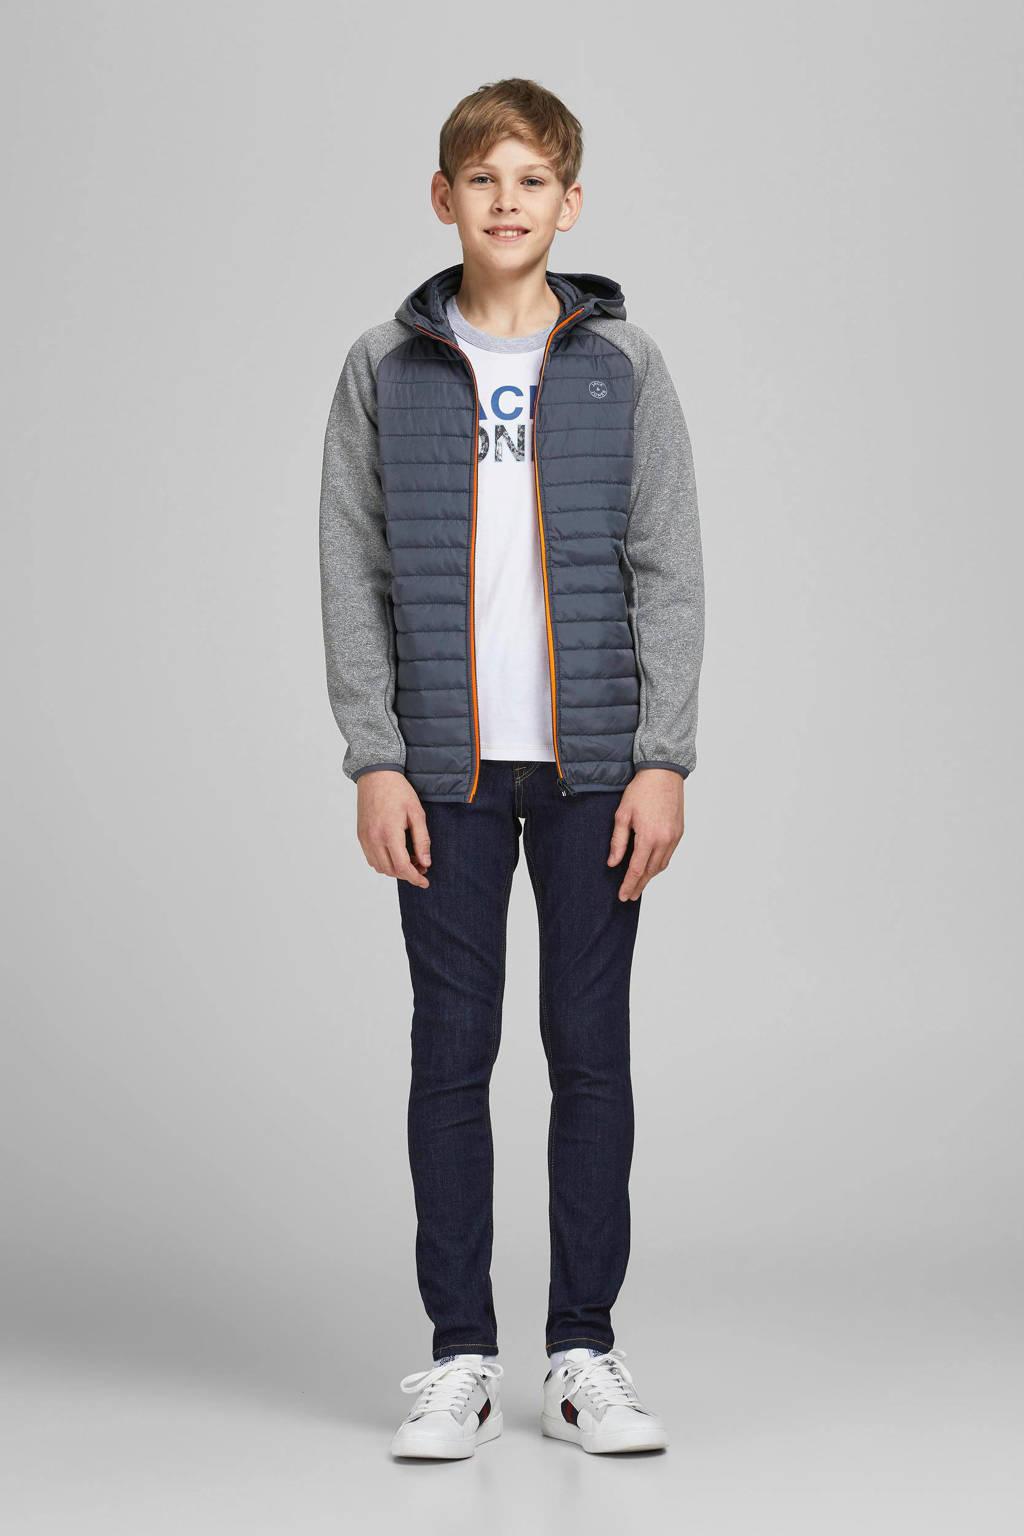 JACK & JONES JUNIOR gewatteerde jas Multi grijs melange/donkerblauw/oranje, Grijs melange/donkerblauw/oranje